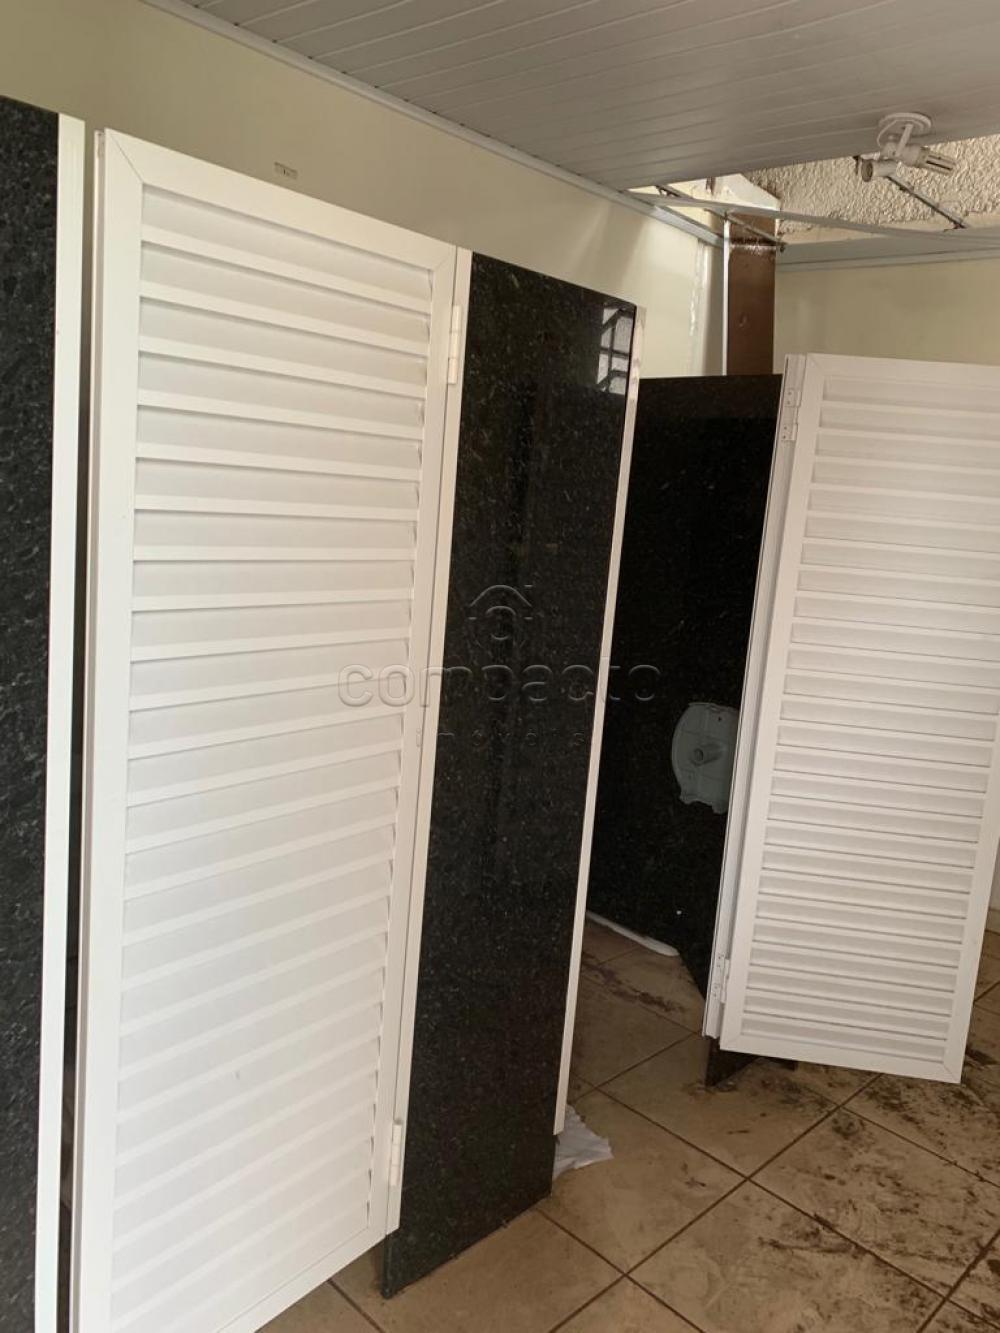 Alugar Comercial / Casa em São José do Rio Preto apenas R$ 7.000,00 - Foto 9